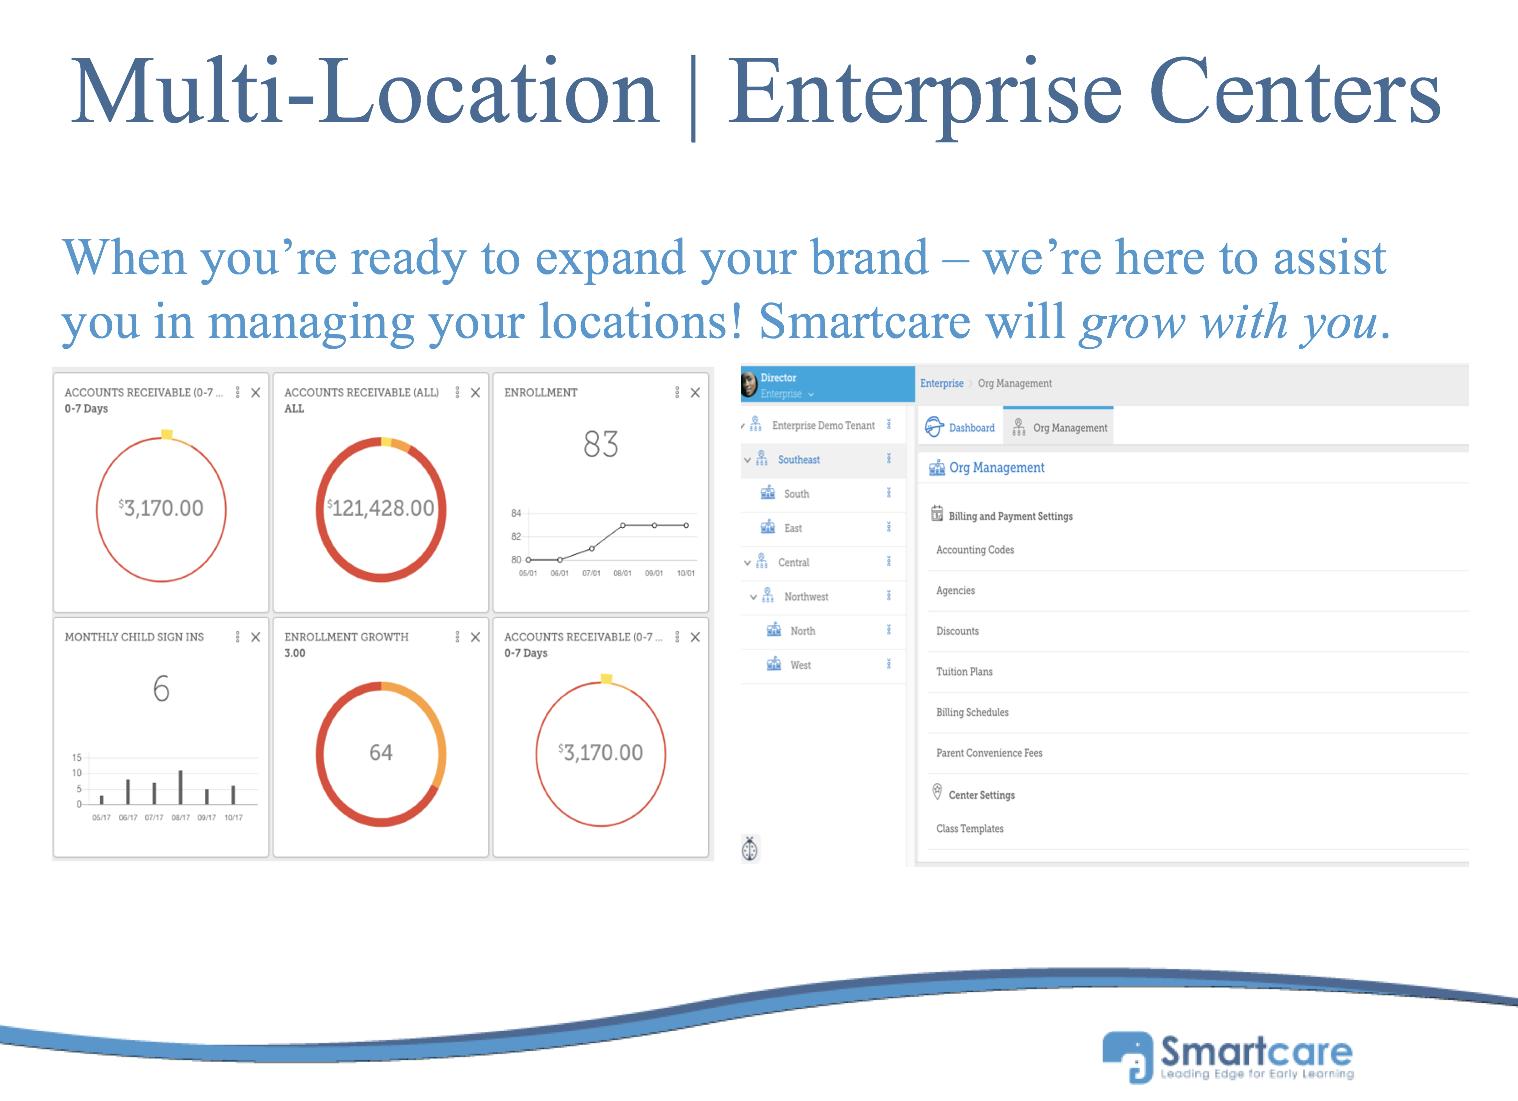 Smartcare Demo - Multi-Location Enterprise Centers